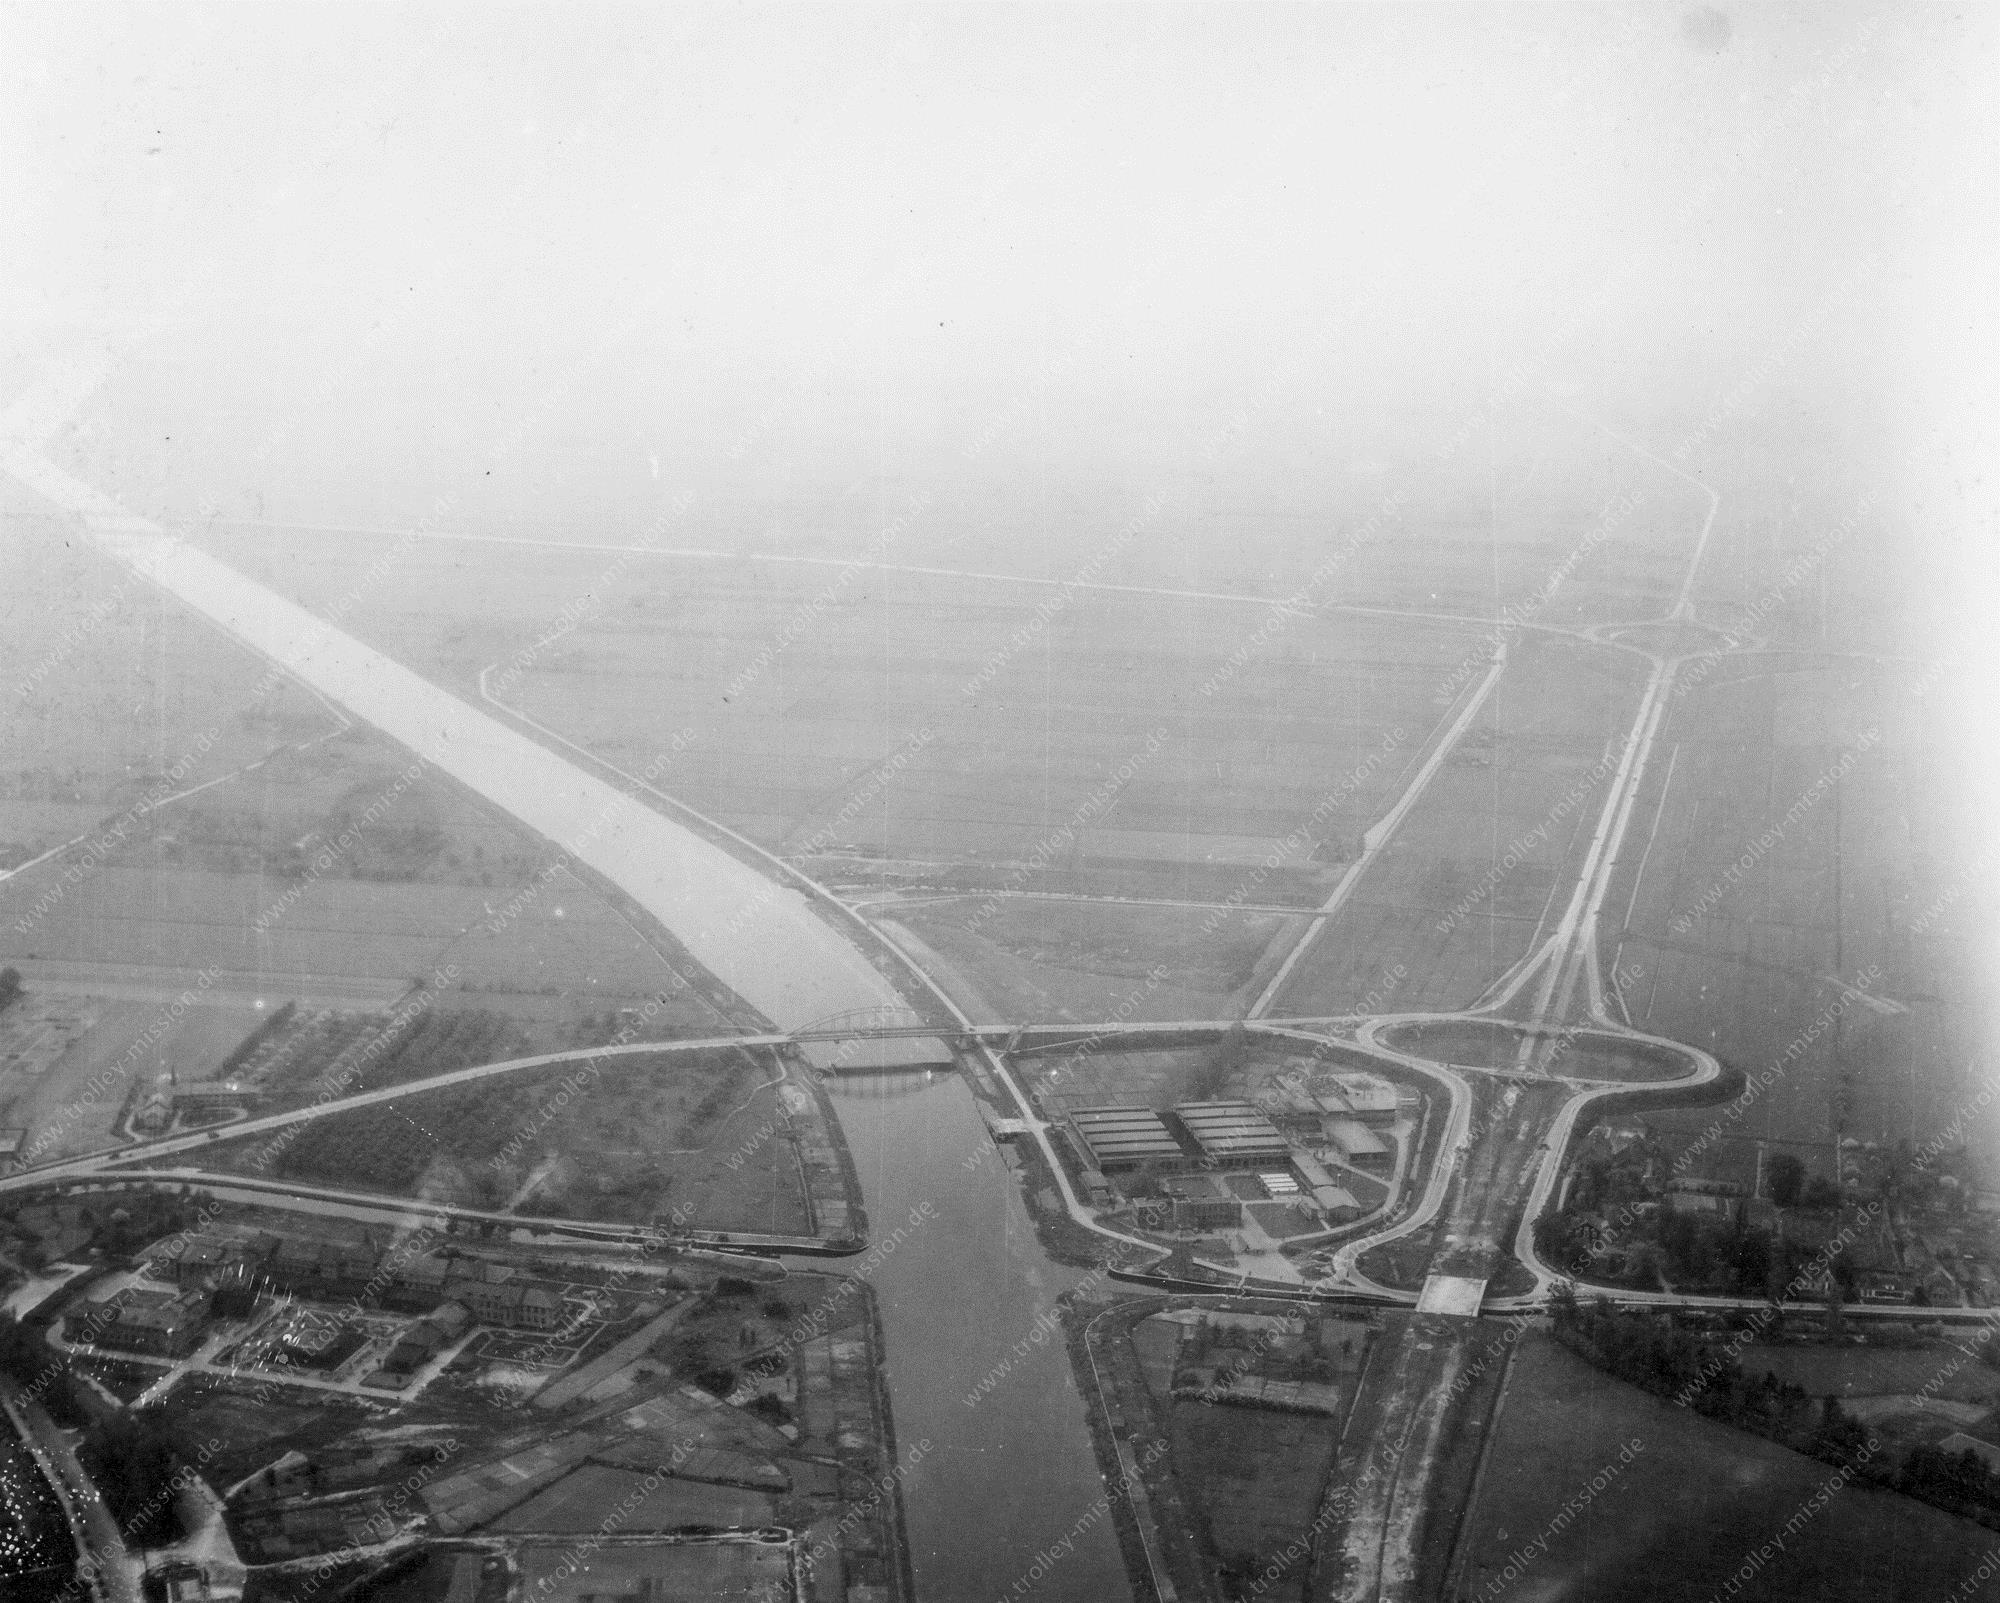 Utrecht Luftaufnahme Weltkrieg - Autobahn Abfahrt Oudenrijn und Ausfahrt Hooggelegen am Leidsche Rijn (Niederlande)